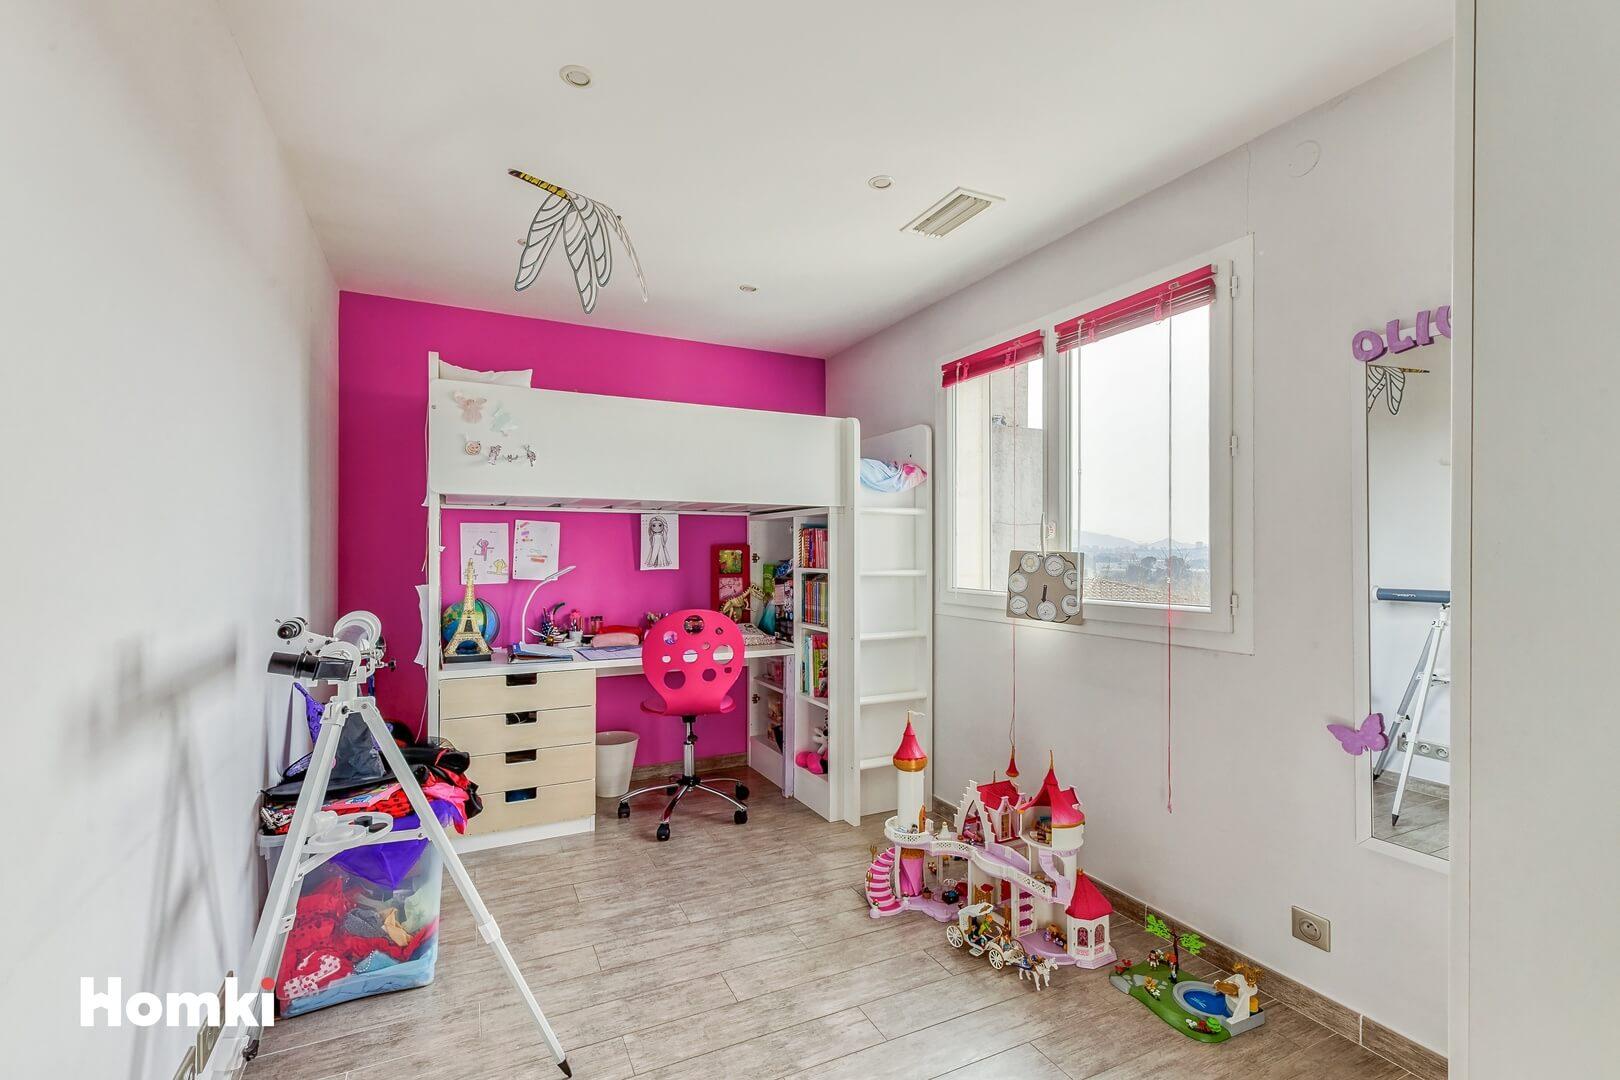 Homki - Vente Maison/villa  de 150.0 m² à Marseille 13013